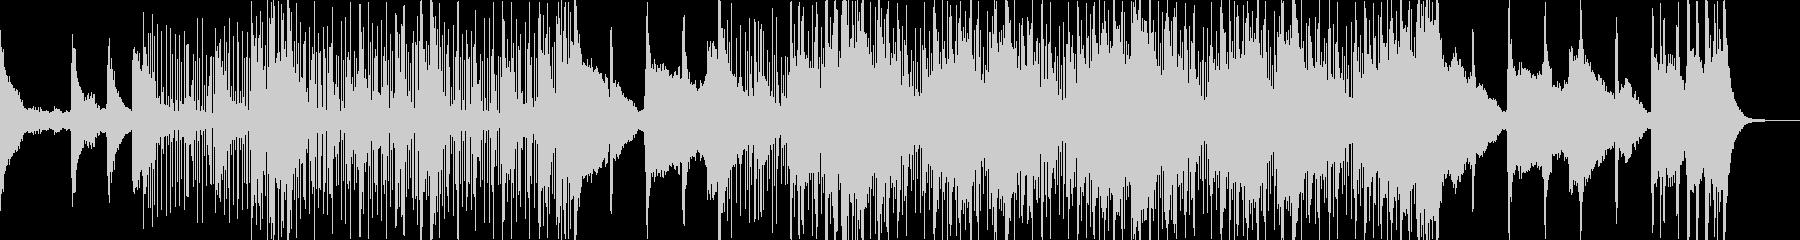 ノスタルジックヒップホップ(声ネタ無し)の未再生の波形